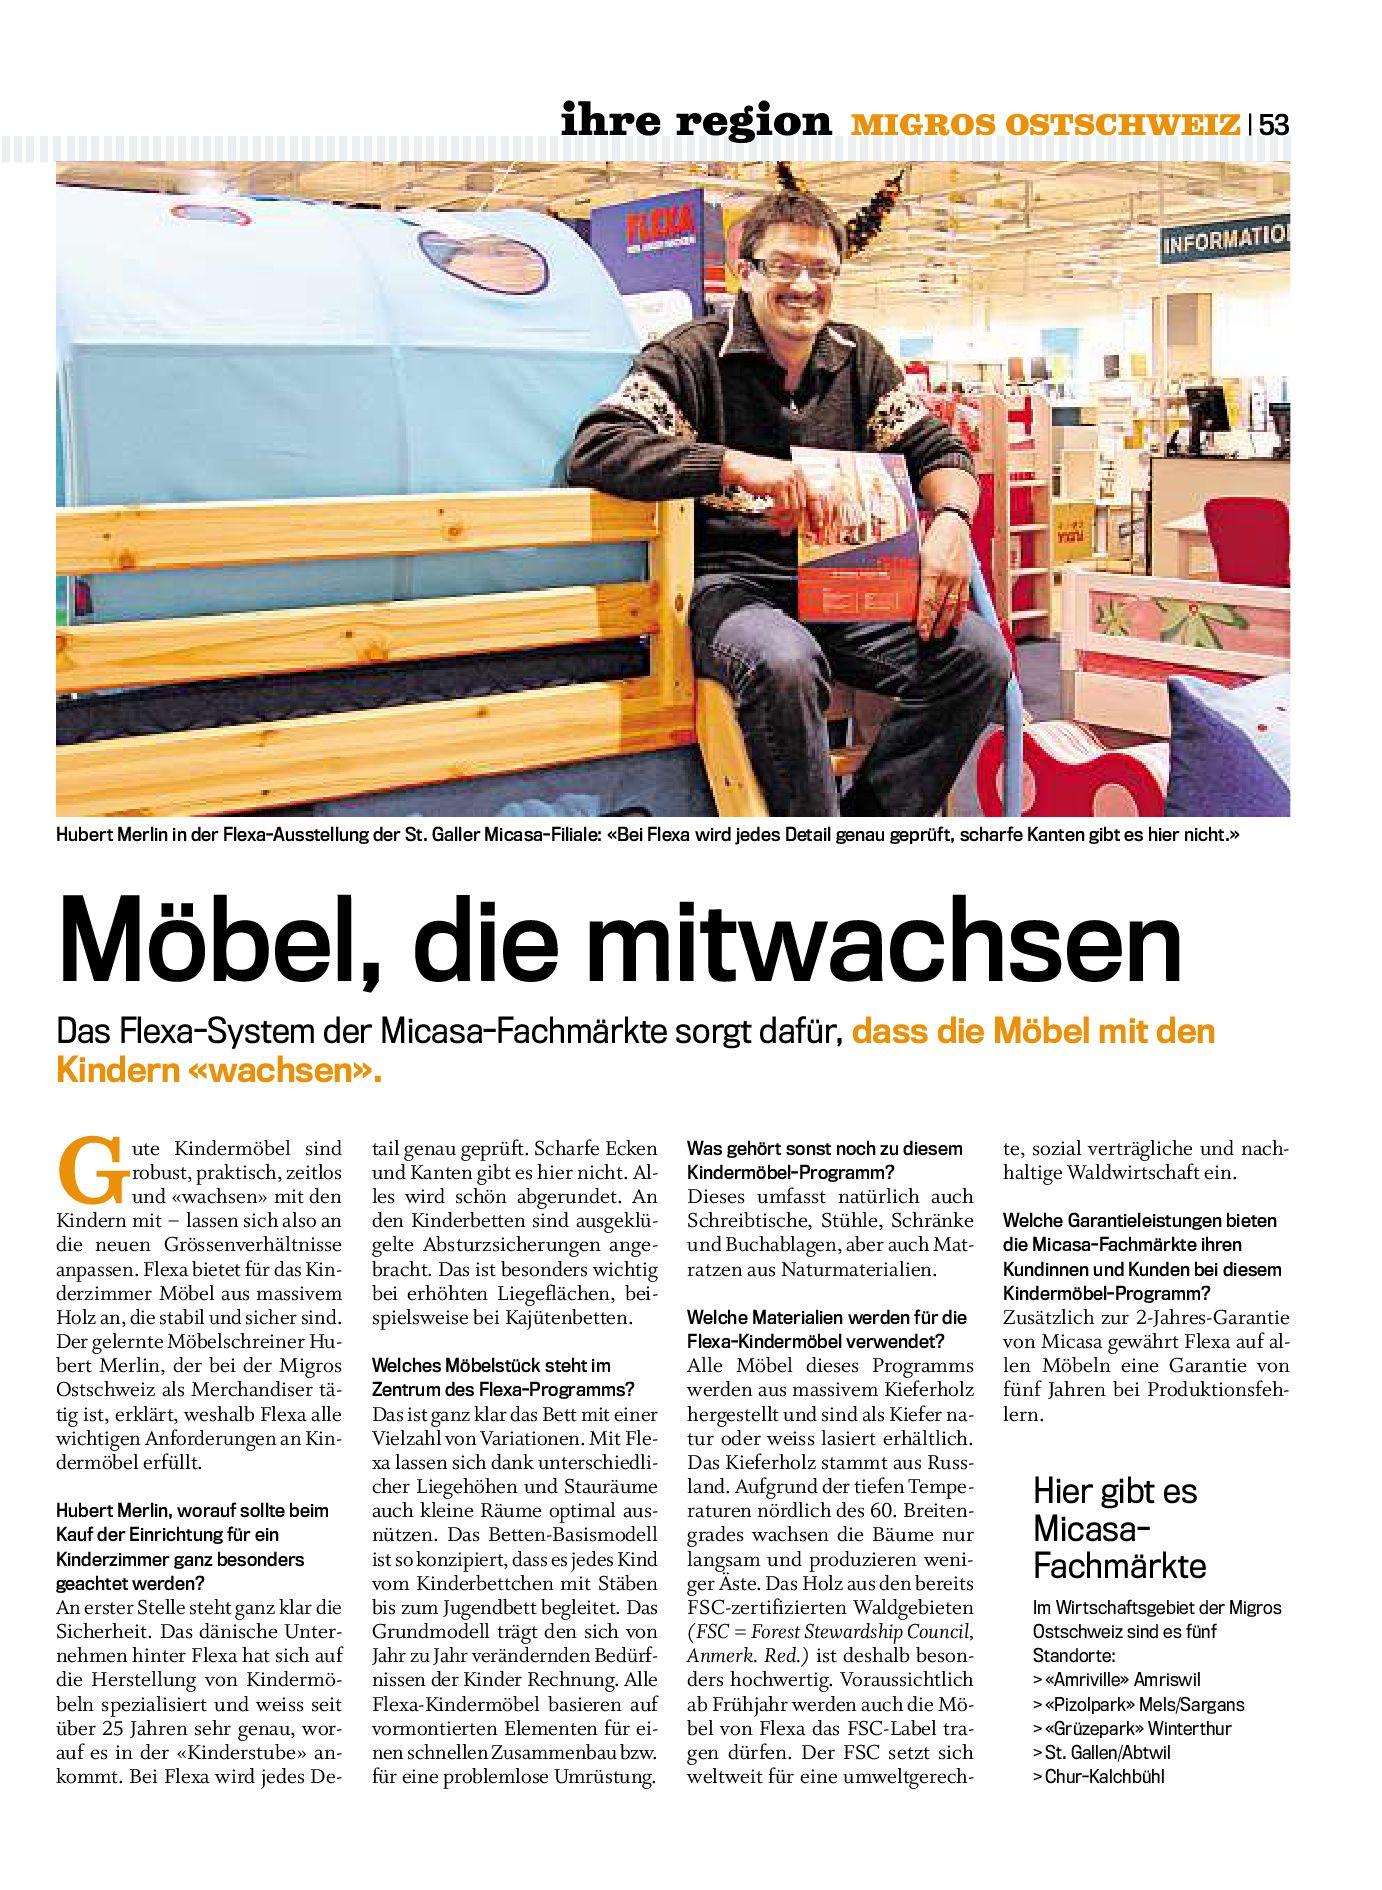 Migros Magazin 3 2009 D Os By Migros Genossenschafts Bund Issuu